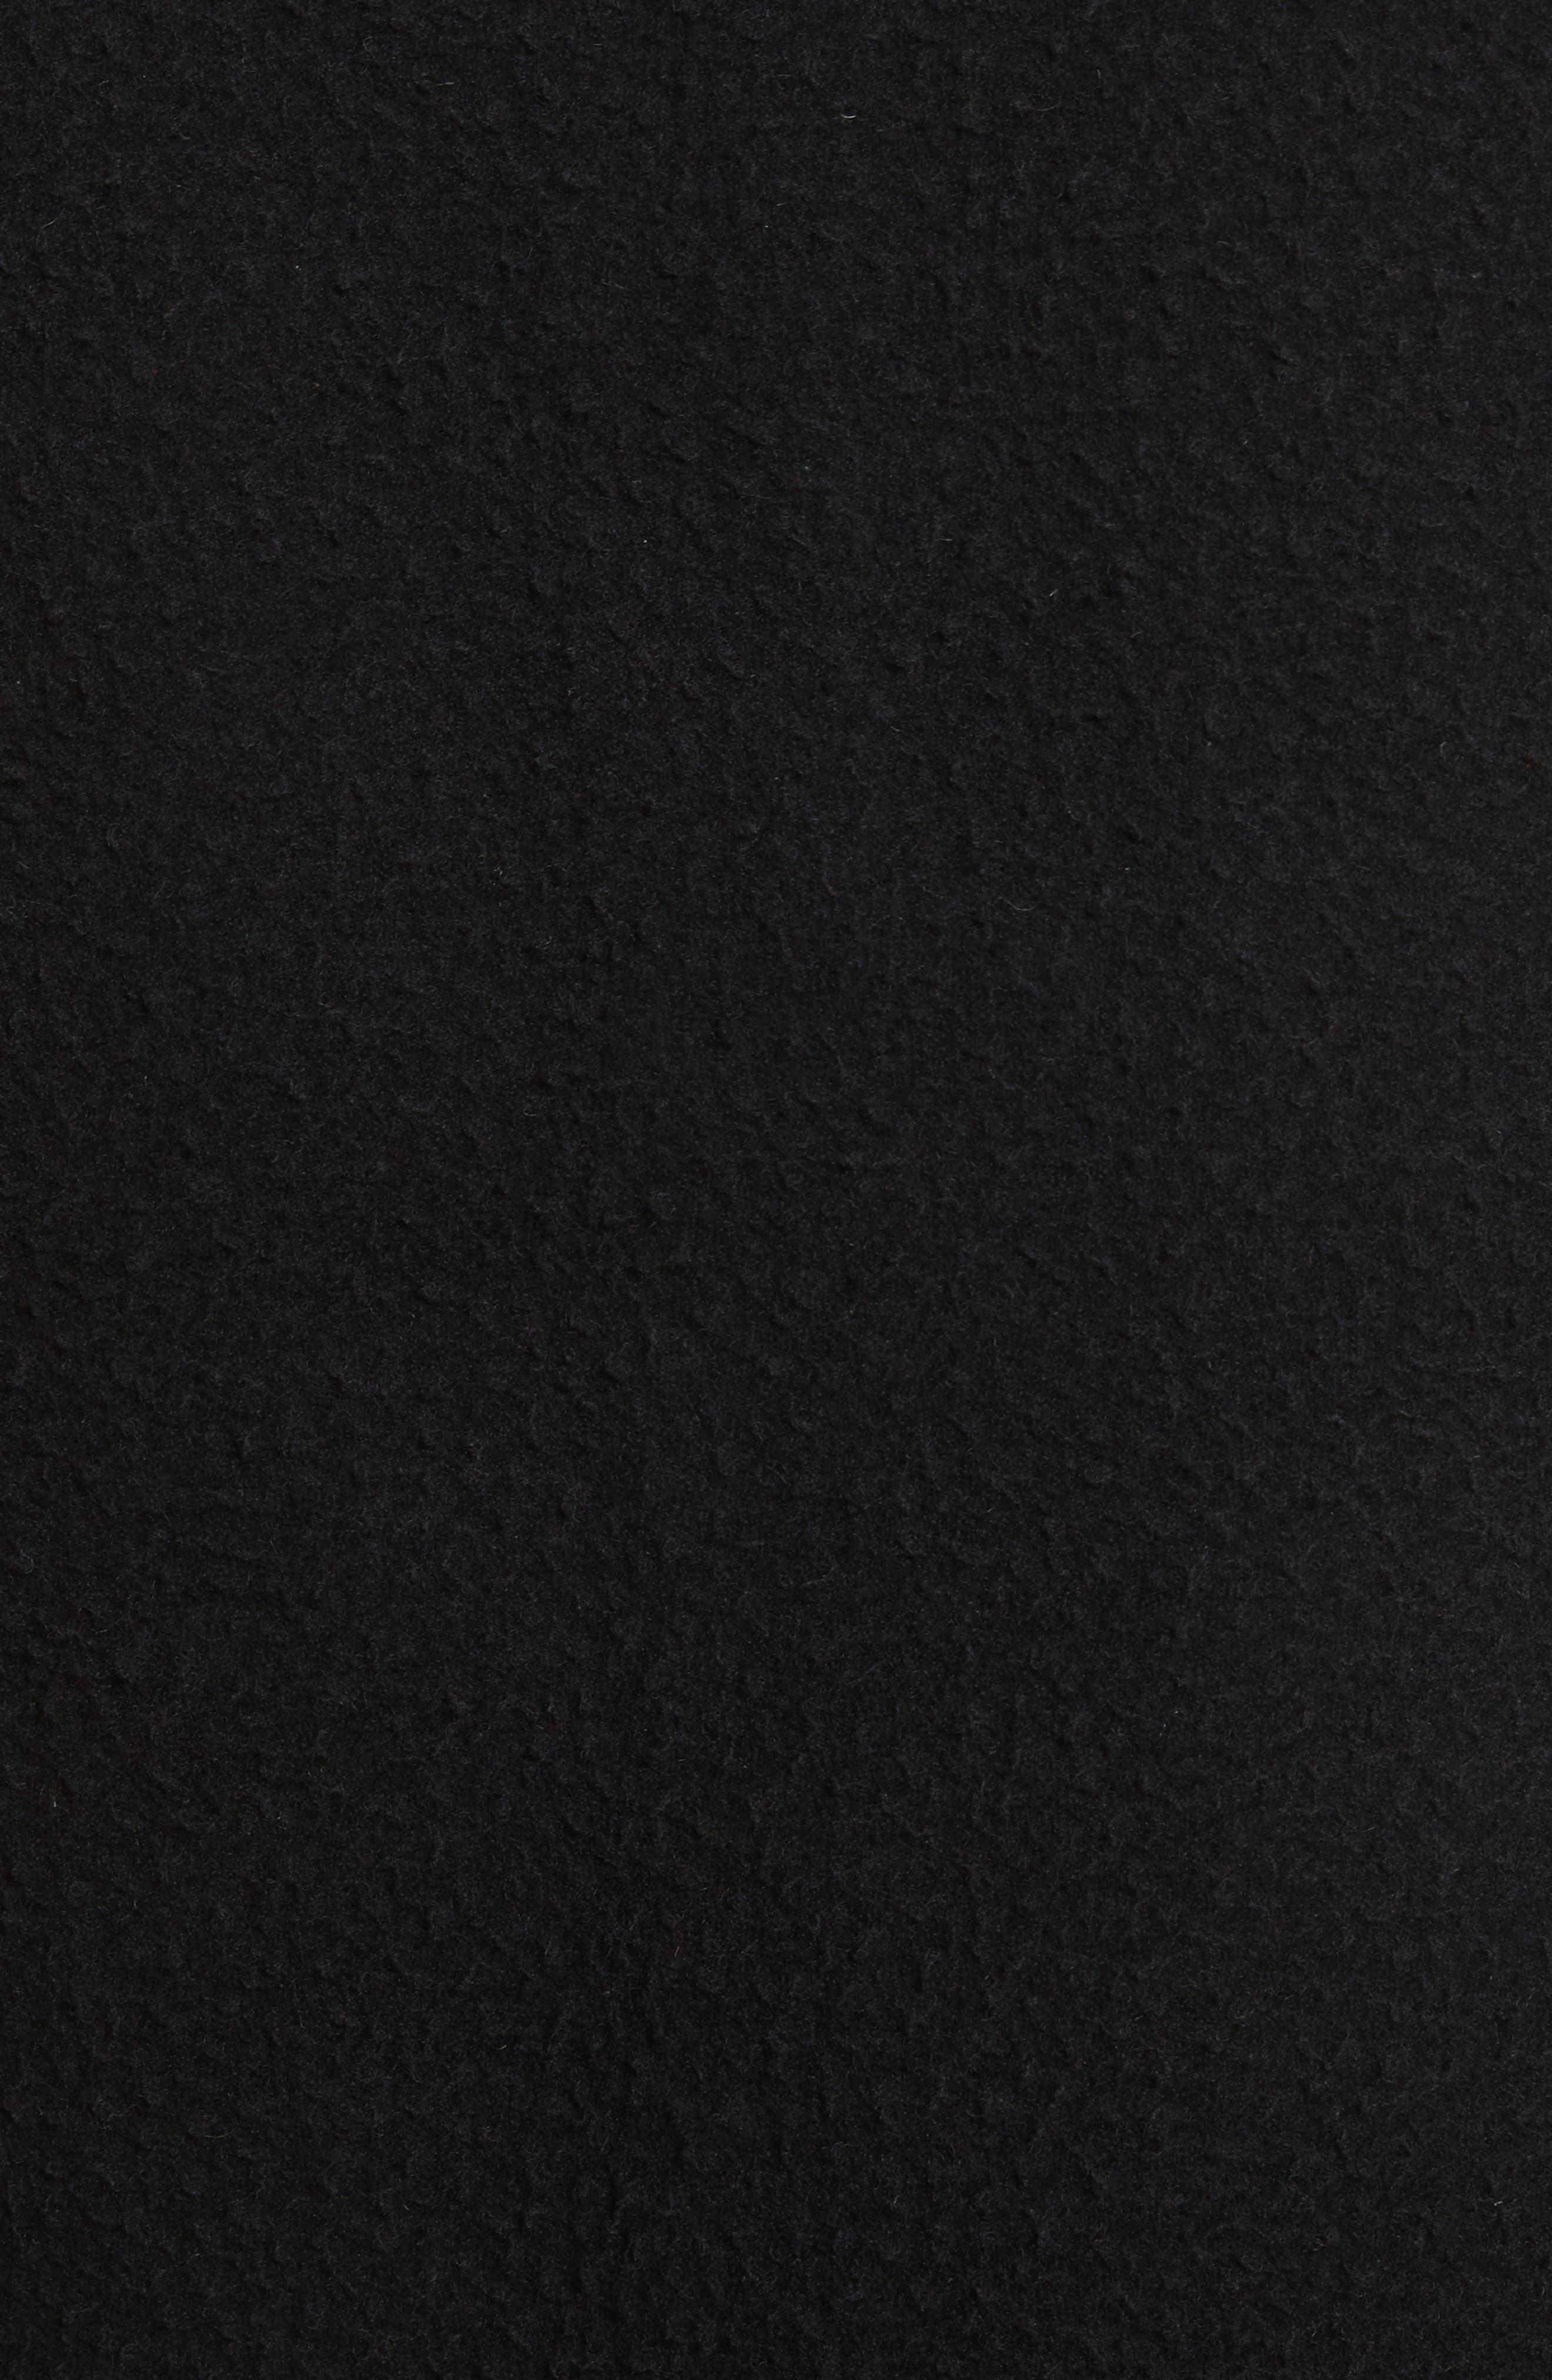 Elliott Boiled Wool Blend Jacket,                             Alternate thumbnail 6, color,                             001